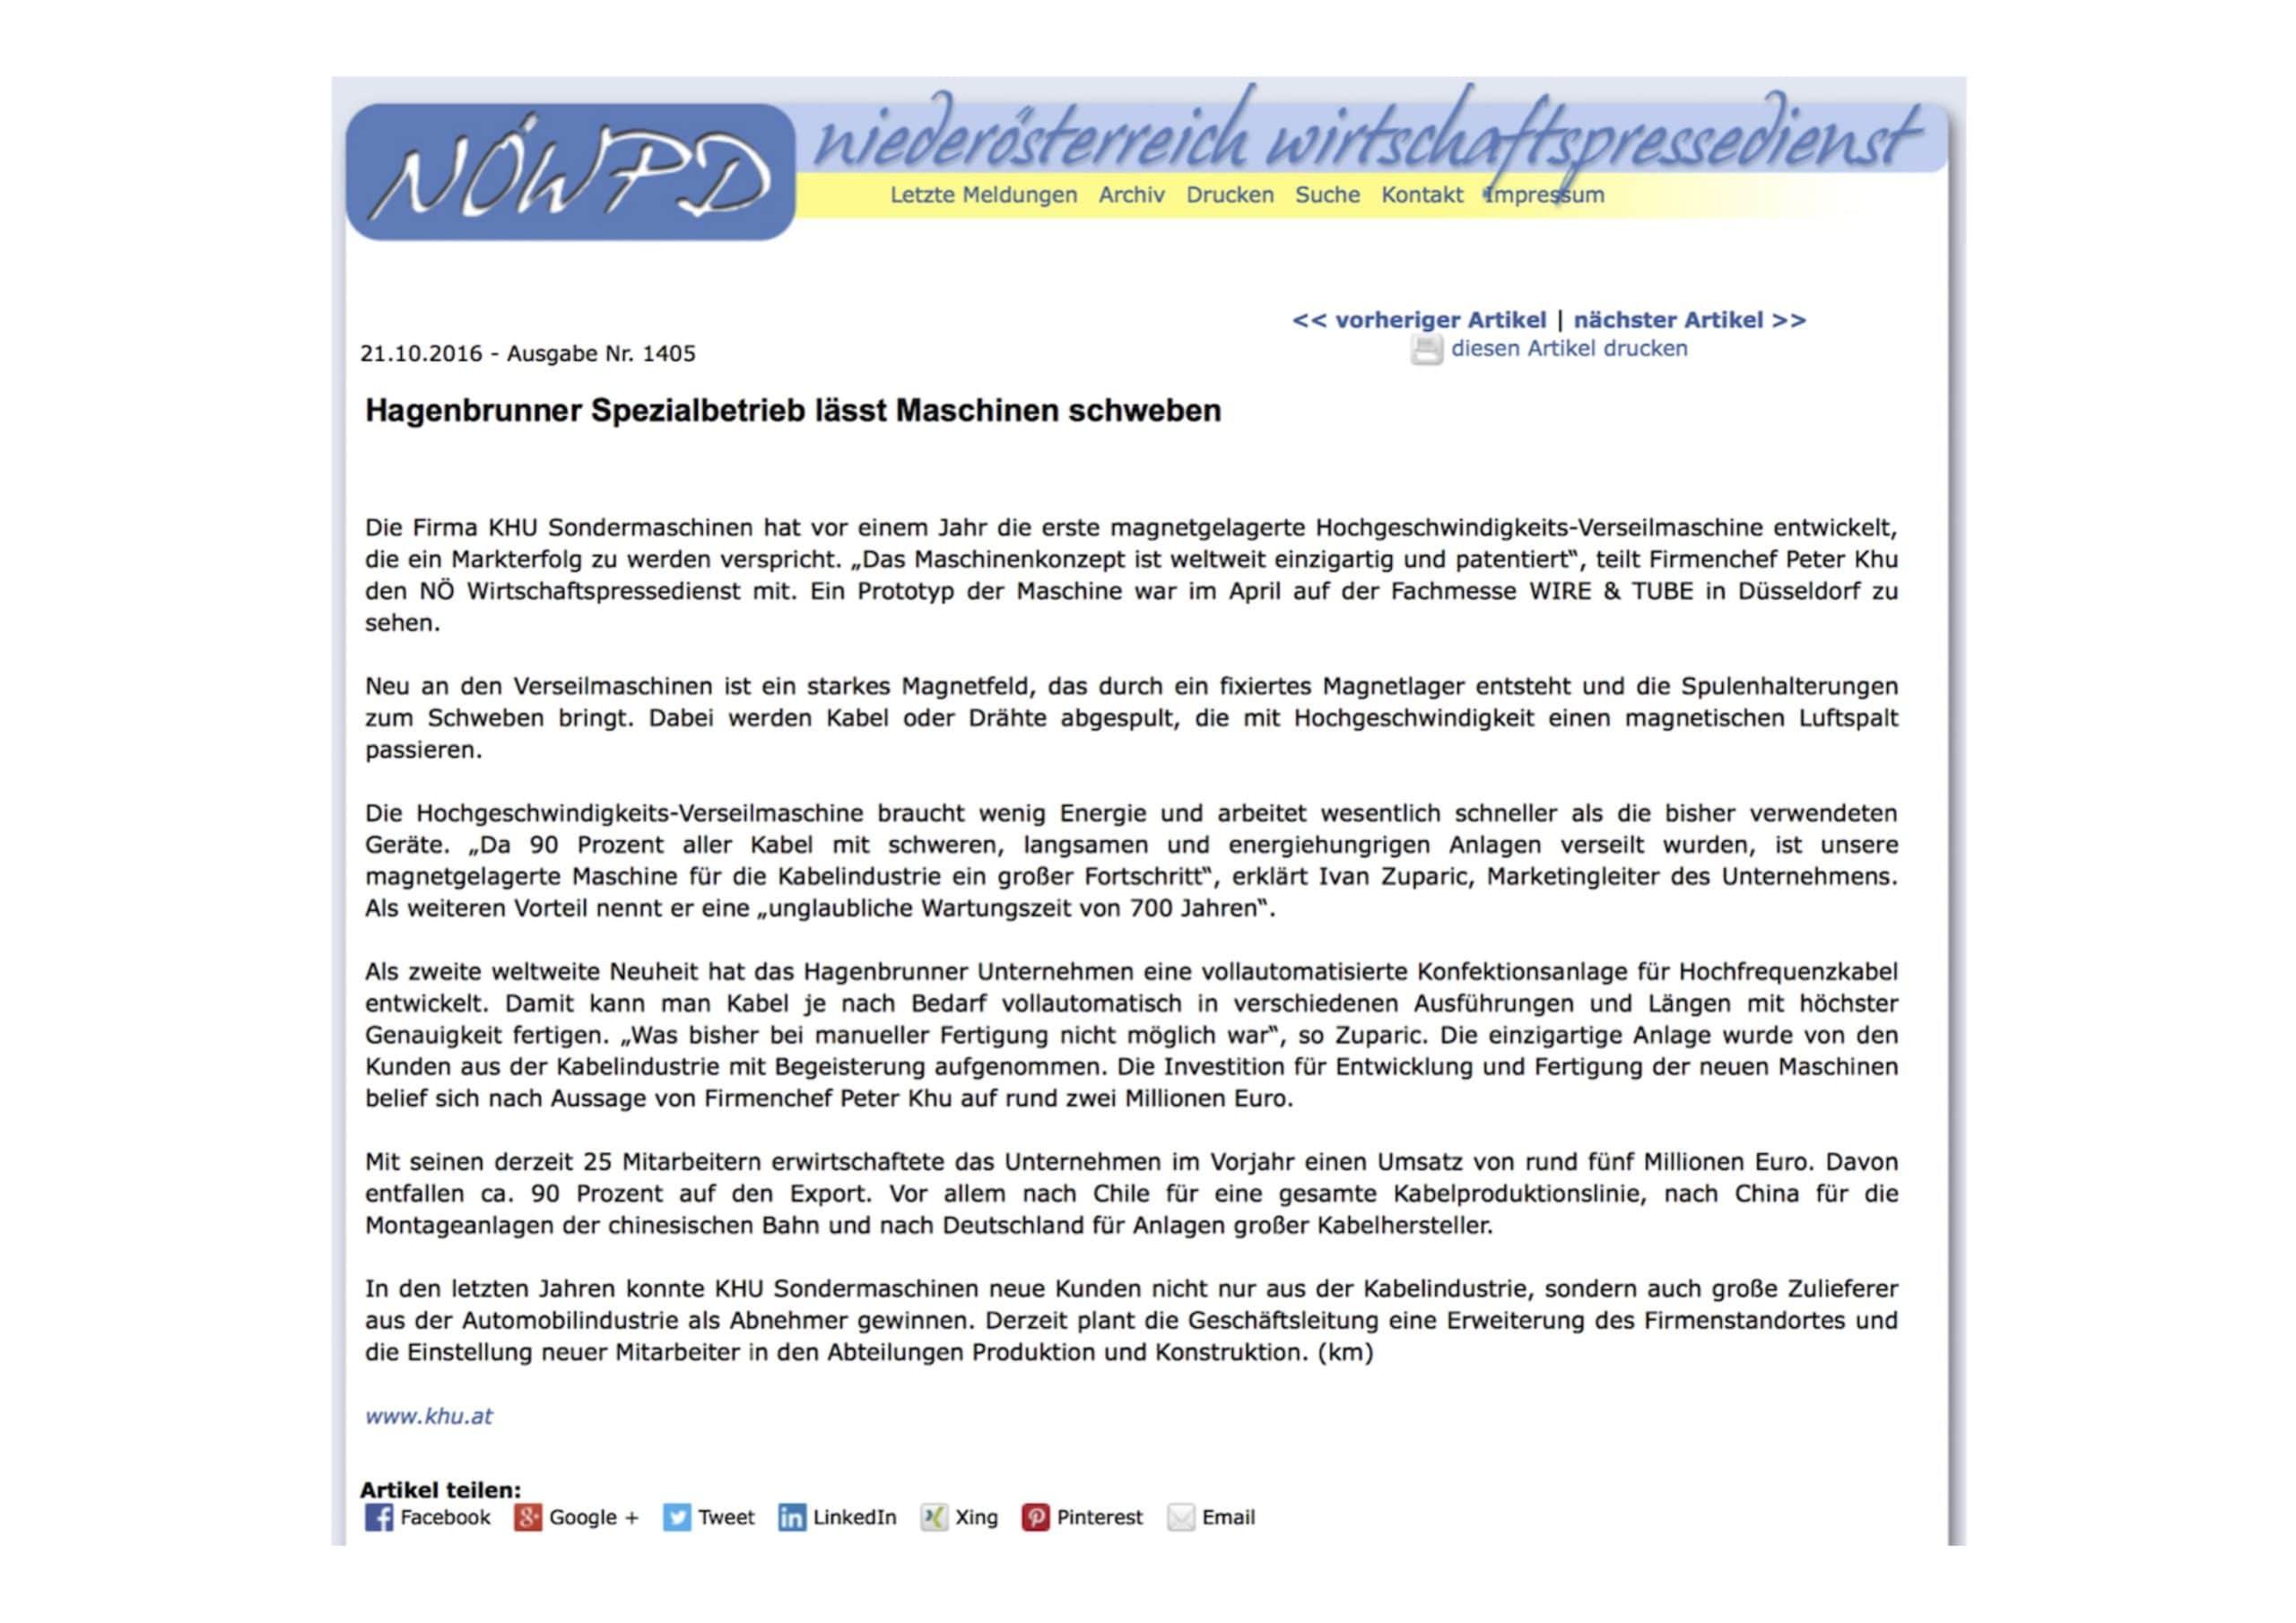 NoeWPD Pressemeldung über KHU QSVM Magnetverseilmaschine